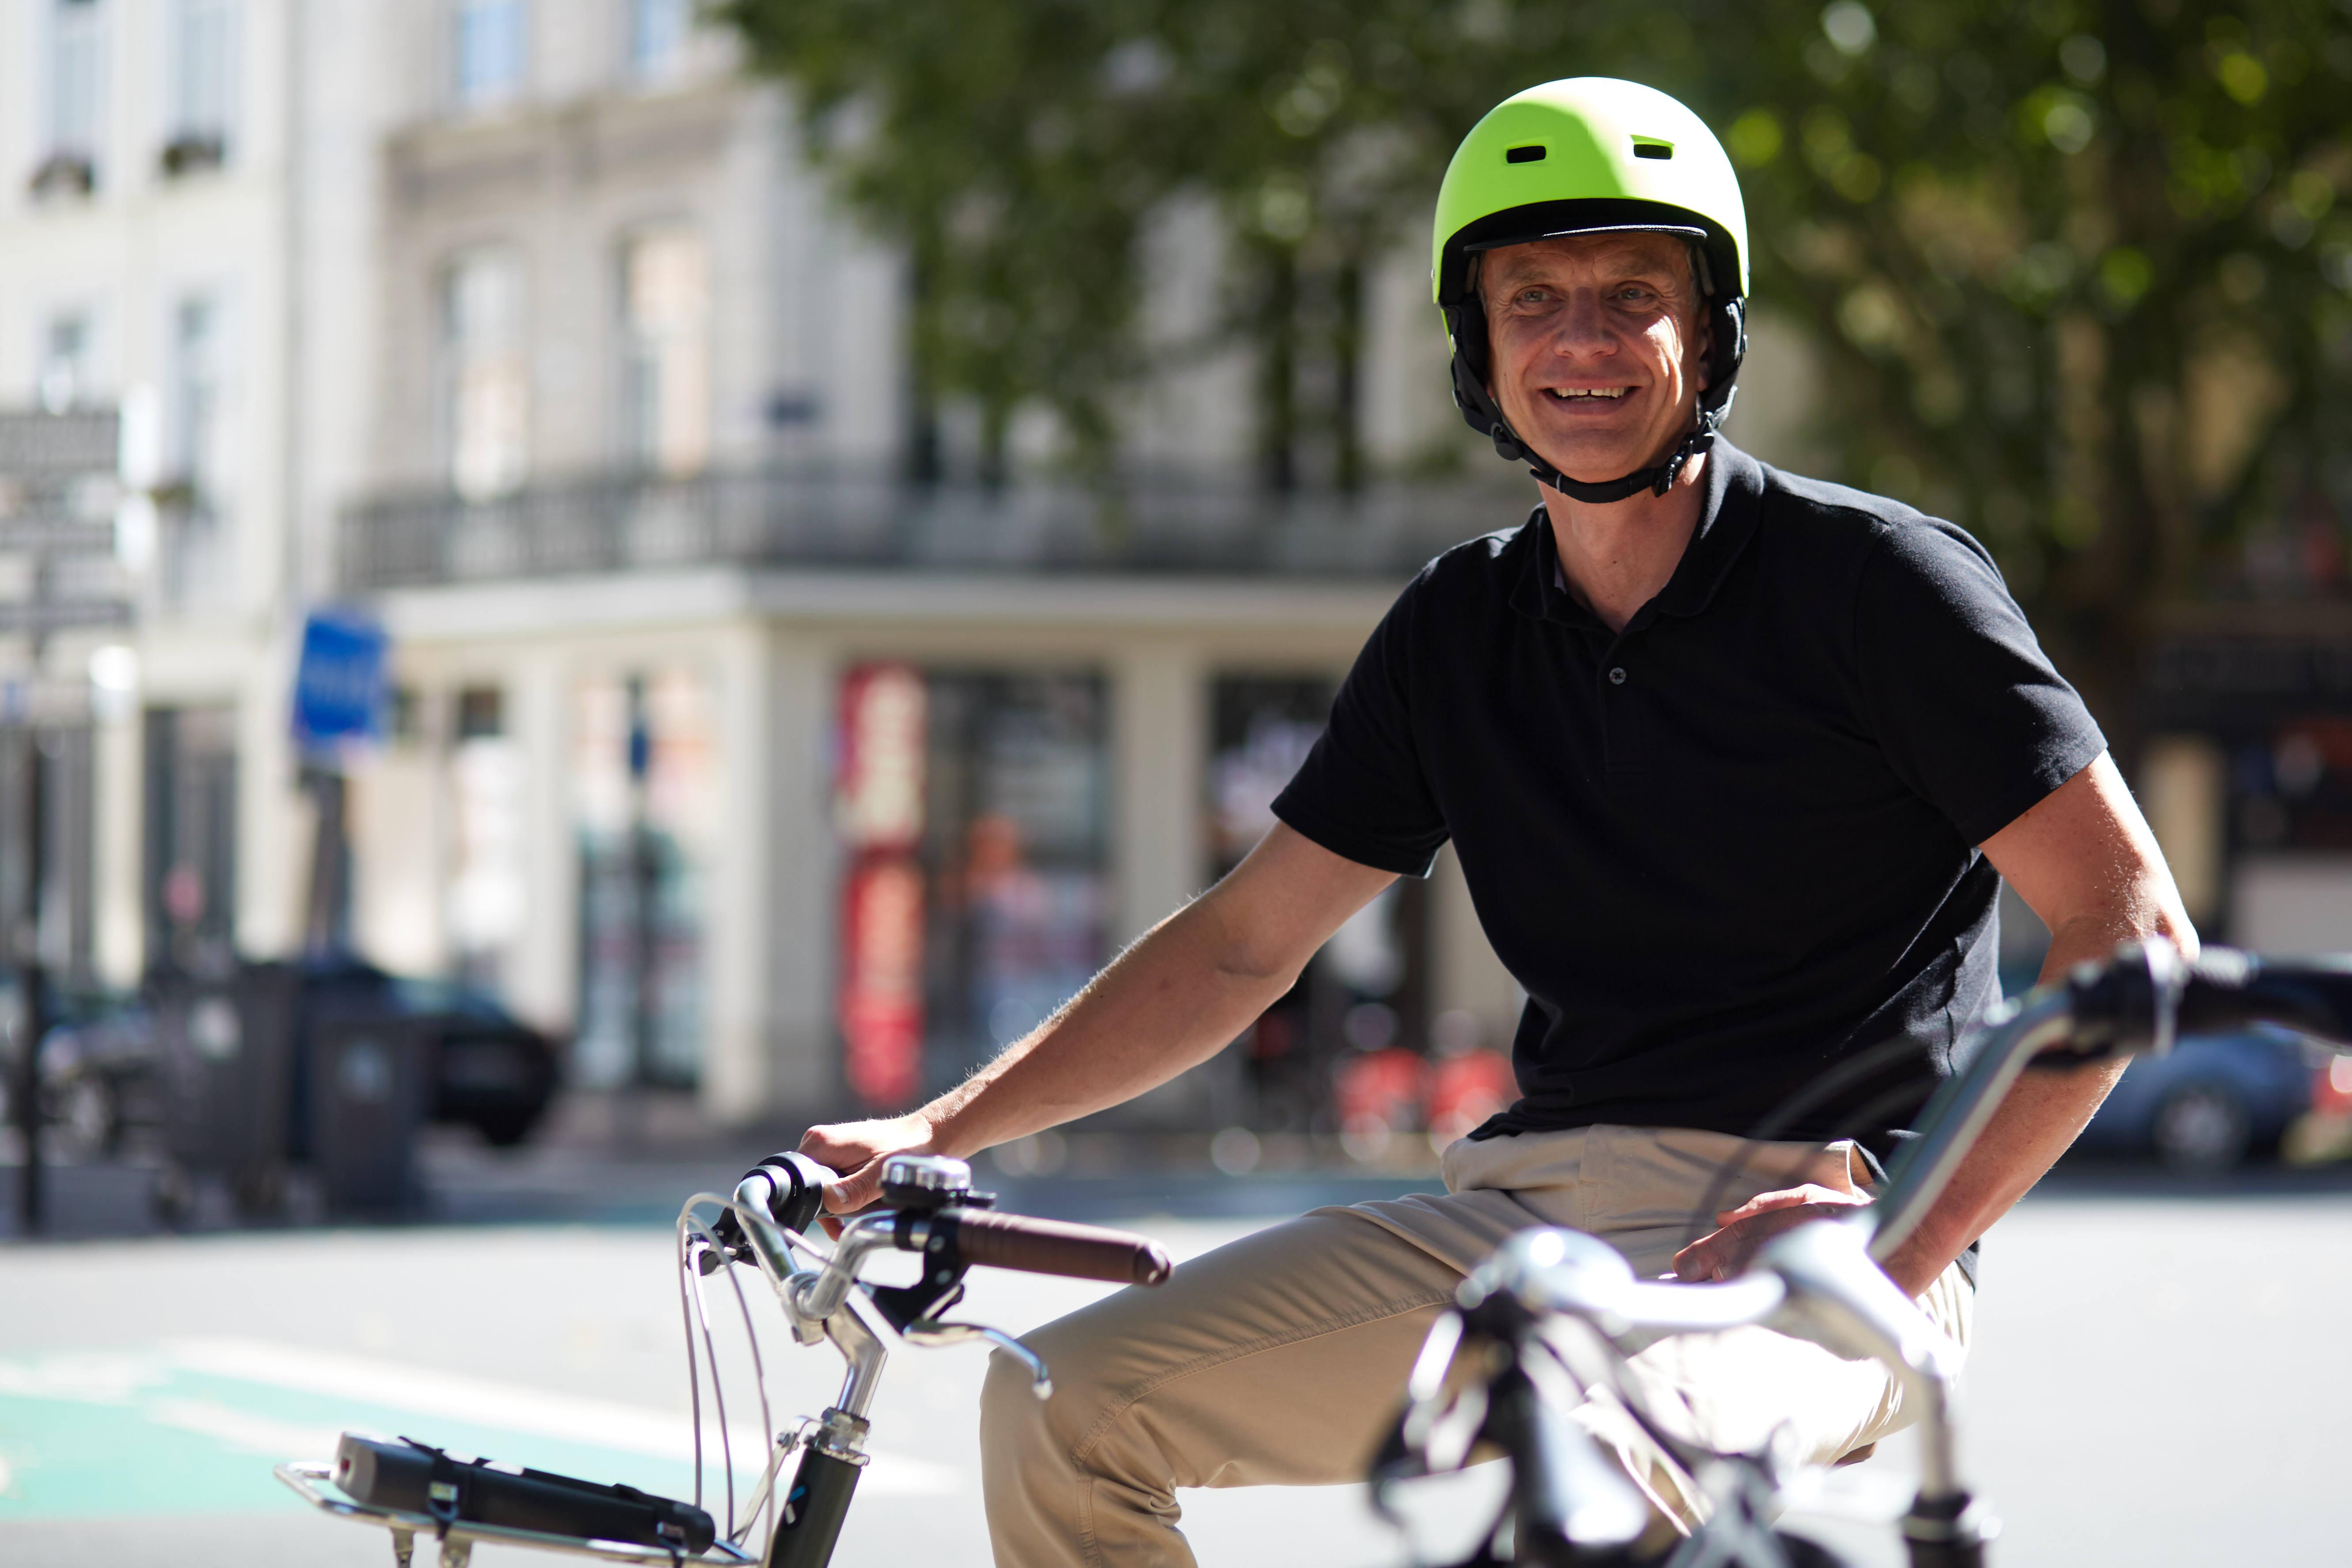 city-bike-helmet-500-tilt-fluo5B83868075Dtci_scene_003